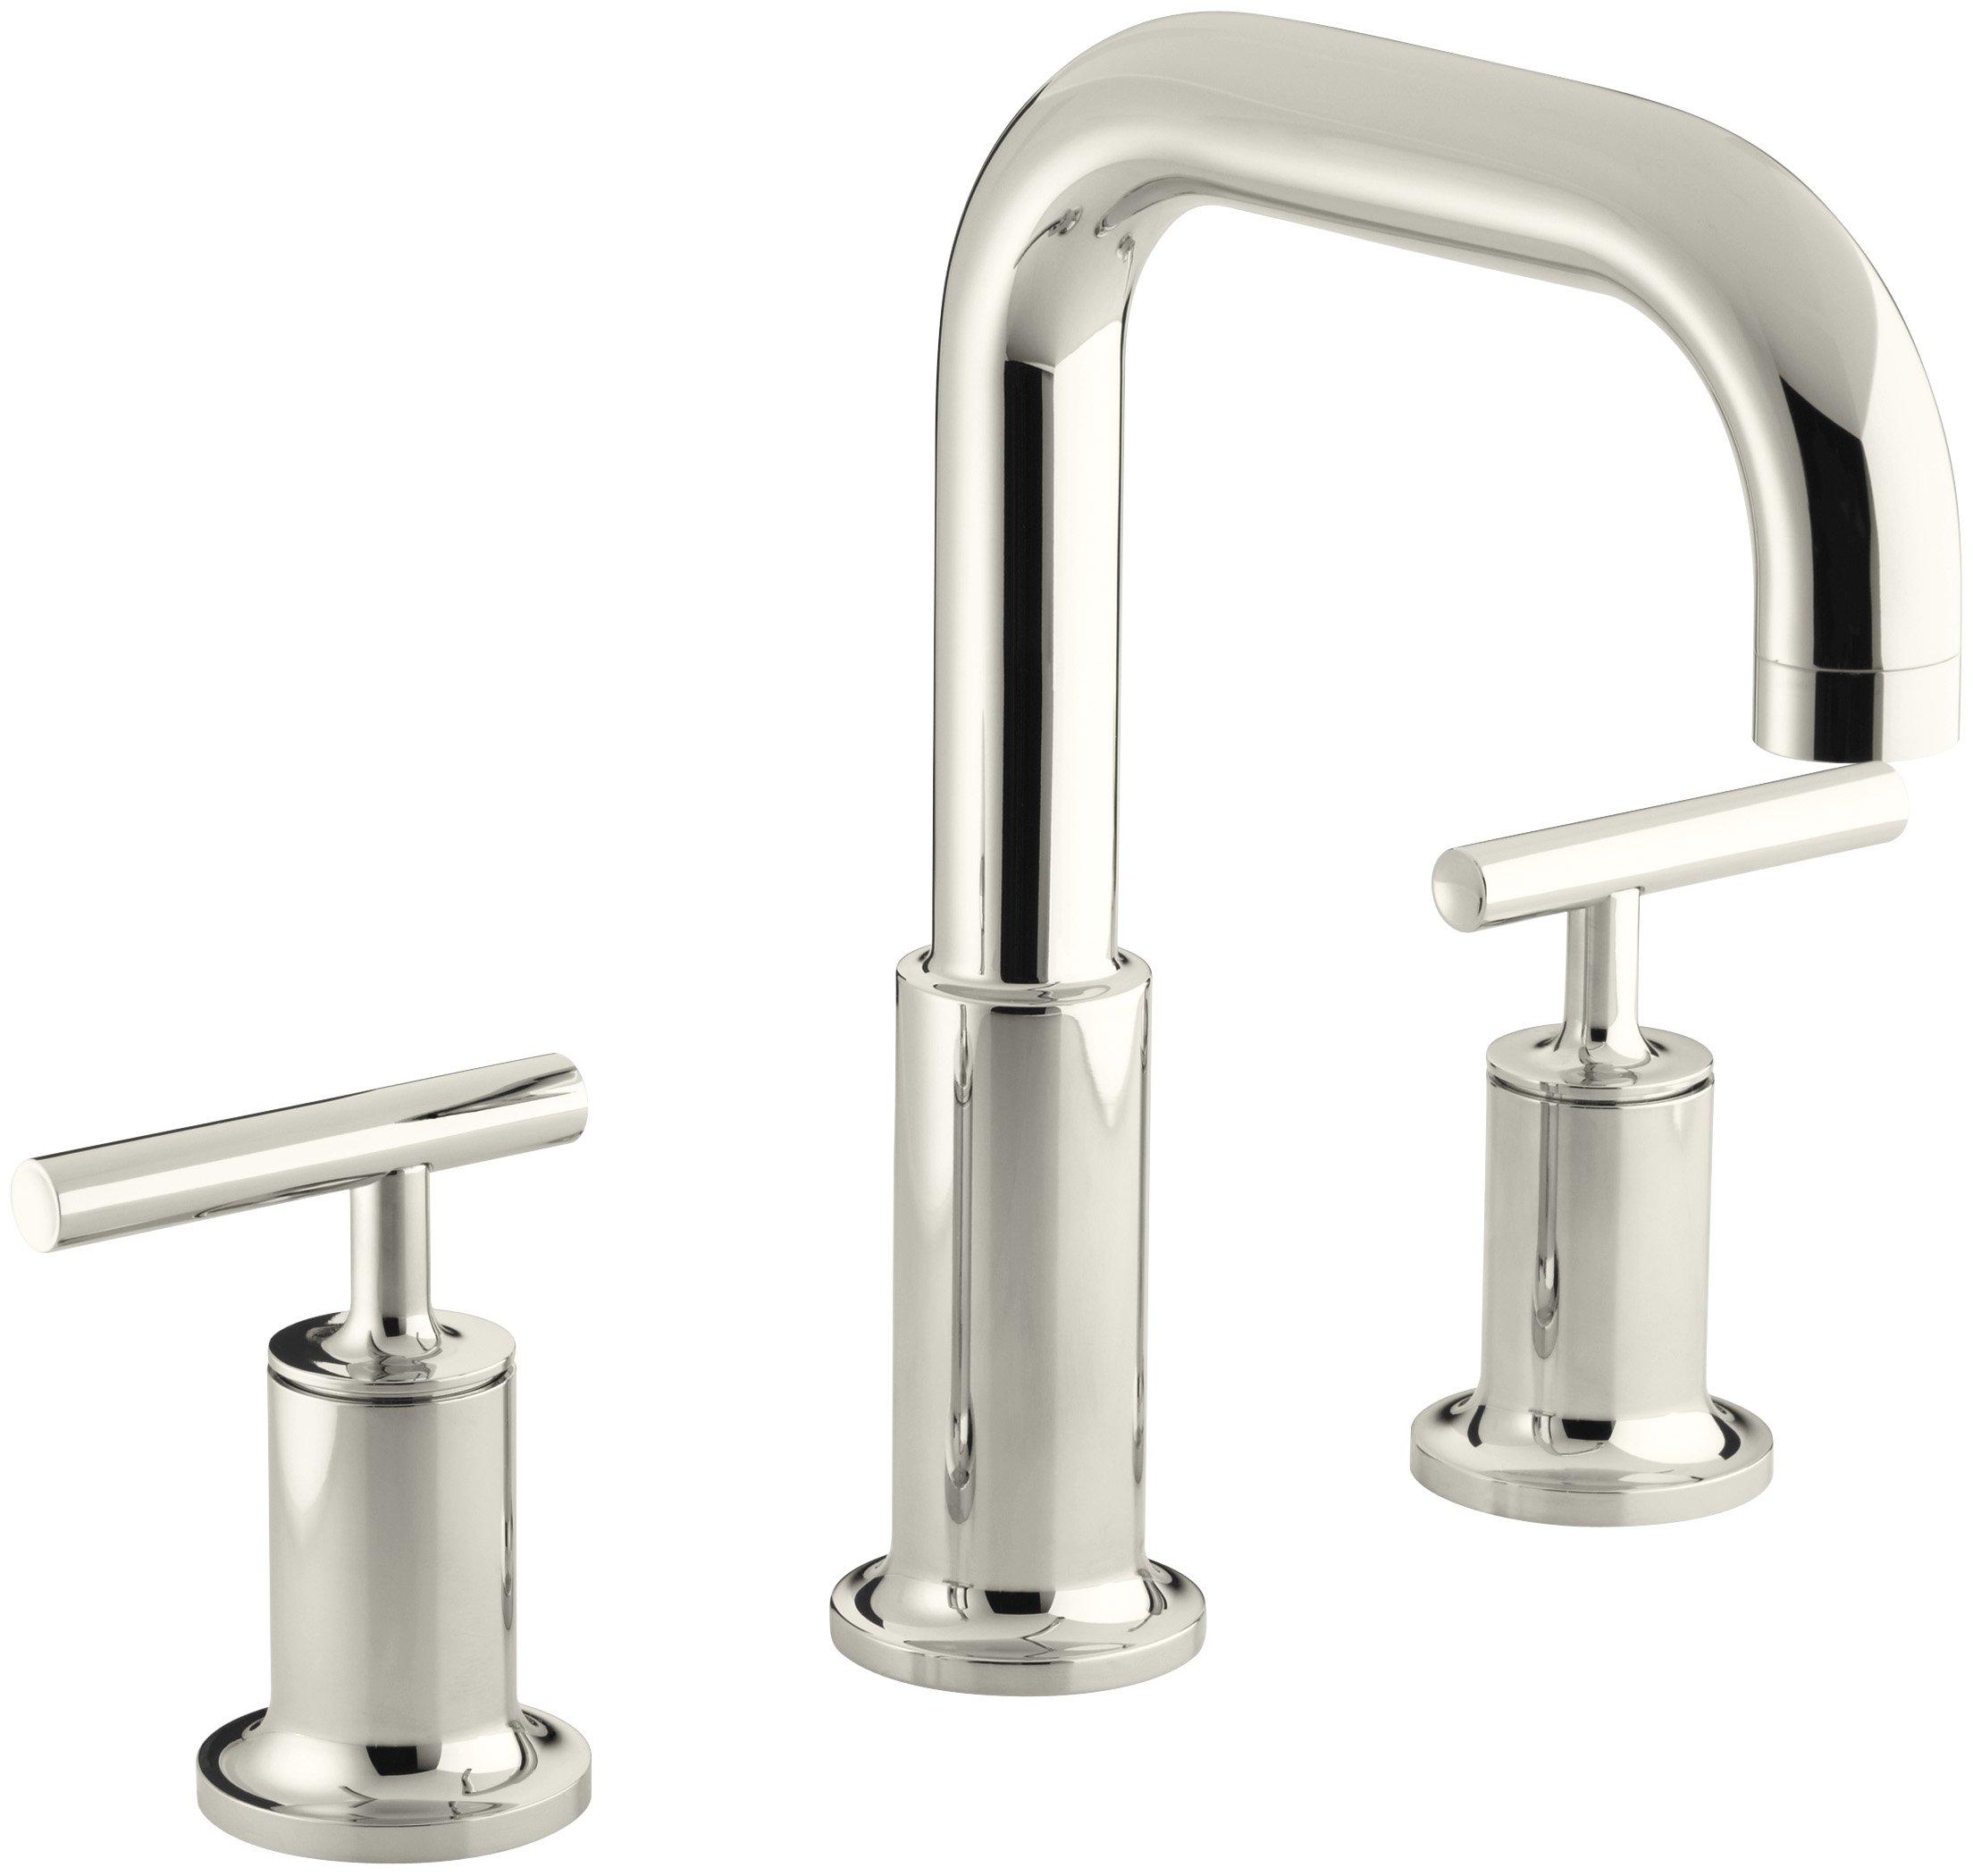 KOHLER K-T14428-4-SN Purist Deck-Mount High-Flow Bath Faucet Trim, Vibrant Polished Nickel